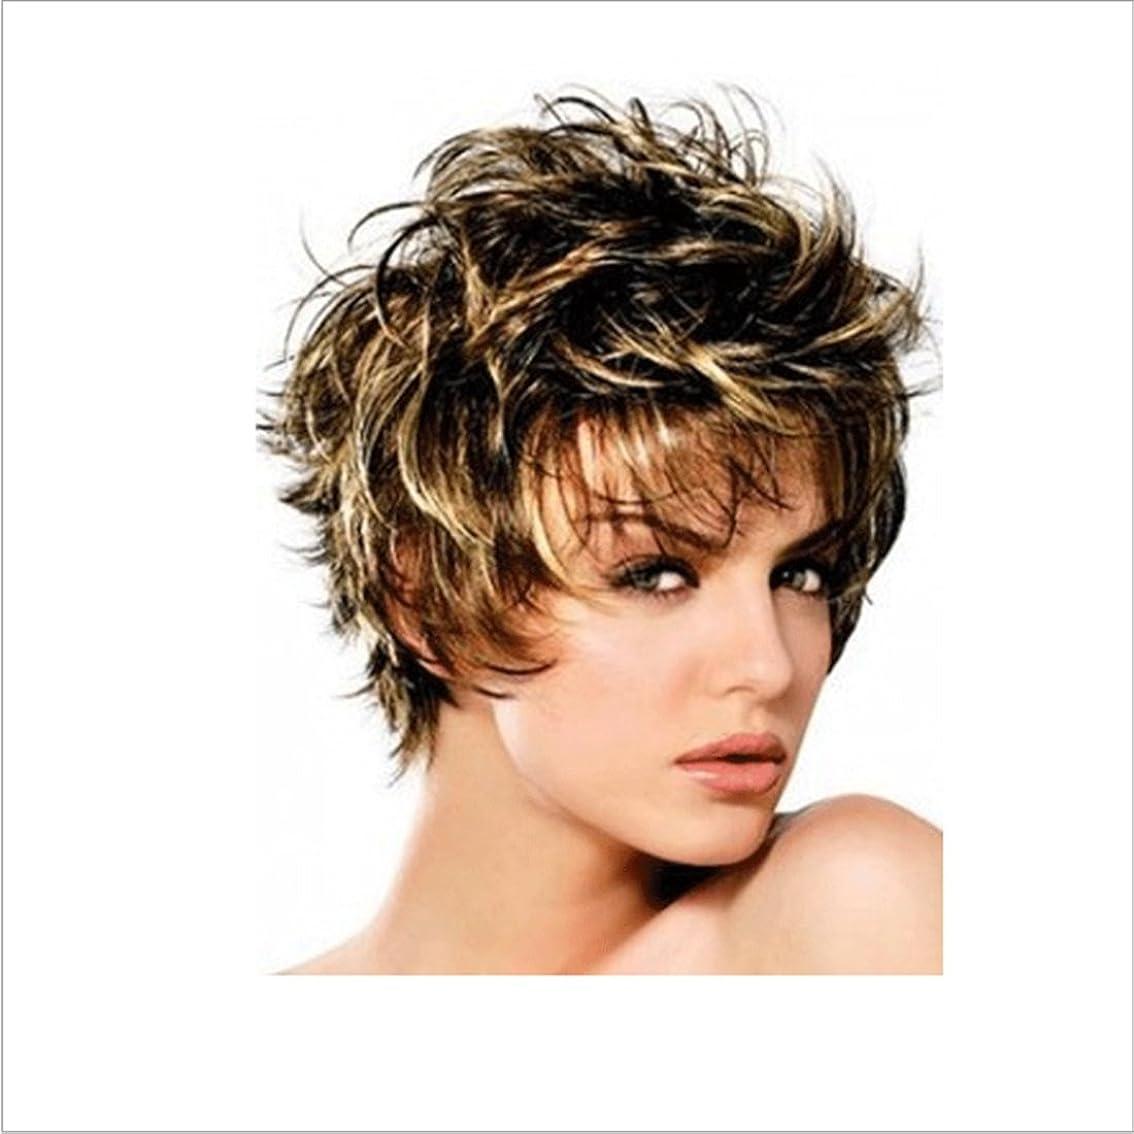 加速する切り刻む円形のBOBIDYEE ボボかつら女性用耐熱ウィッグ12インチ/ 9インチ短いテクスチャ部分的なかつら部分的なかつら前髪かつらファッションかつら (色 : Inter-color gold brown silver)